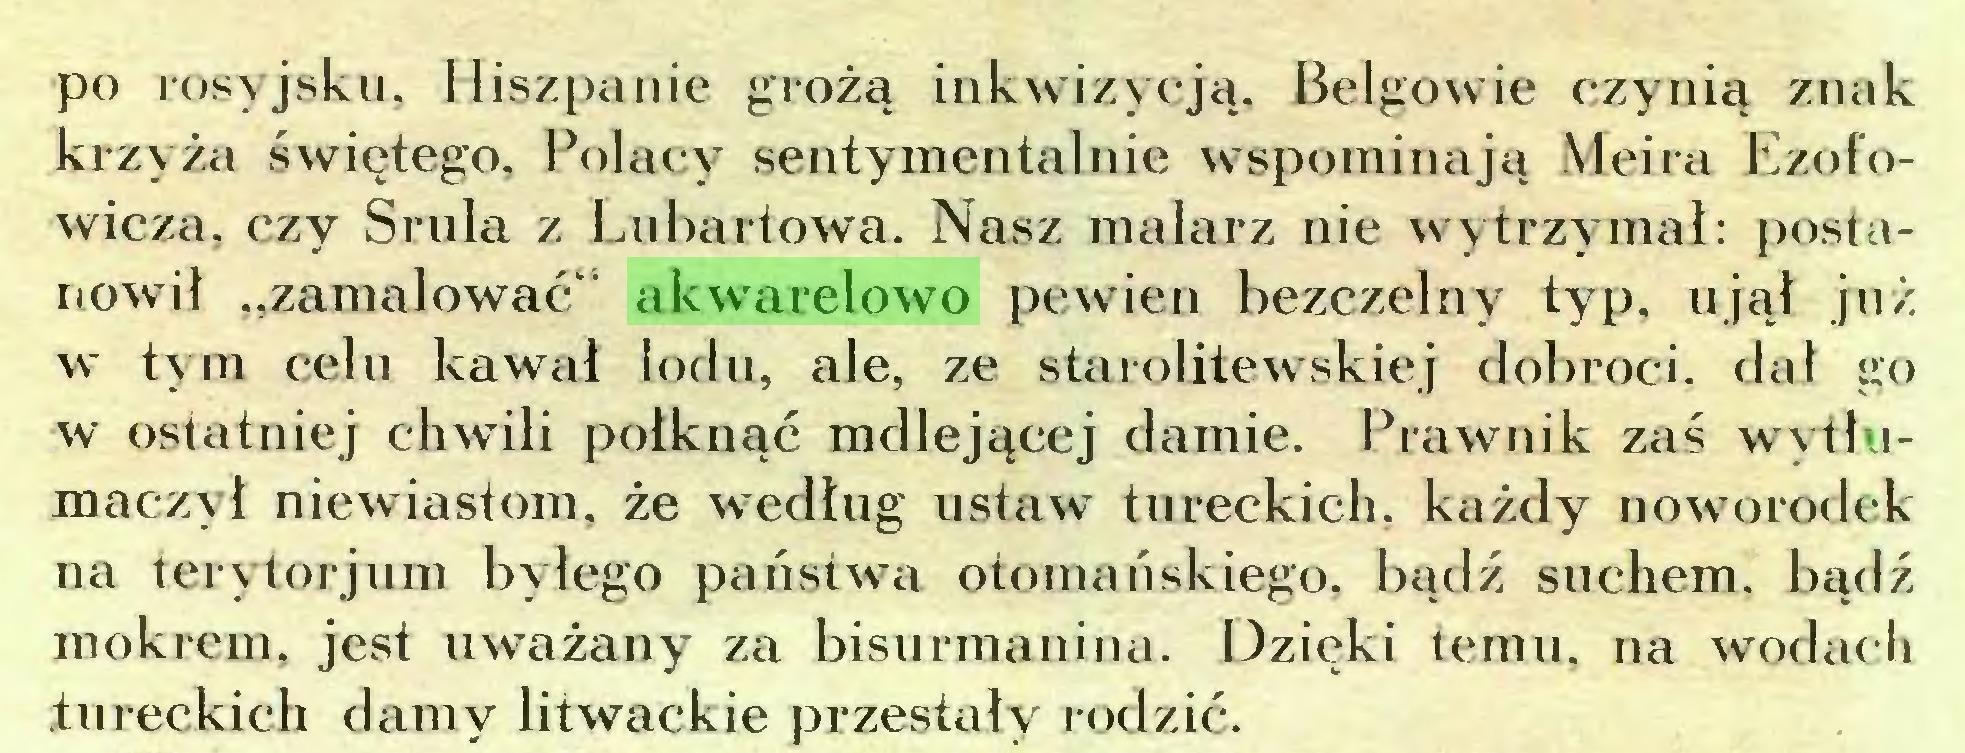 """(...) po rosyjsku, Hiszpanie grożą inkwizycją, Belgowie czynią znak krzyża świętego, Polacy sentymentalnie wspominają Meira Ezofowicza, czy Srula z Lubartowa. Nasz malarz nie wytrzymał: postanowił """"zamalować' akwarelowo pewien bezczelny typ, ujął już w tym celu kawał lodu, ale, ze starolitewskiej dobroci, dał go w ostatniej chwili połknąć mdlejącej damie. Prawnik zaś wytłumaczył niewiastom, że według ustaw tureckich, każdy noworodek na terytorjum byłego państwa otomanskiego, bądź suchem. bądź mokrem, jest uważany za bisurmanina. Dzięki temu. na wodach tureckich damy litwackie przestały rodzić..."""